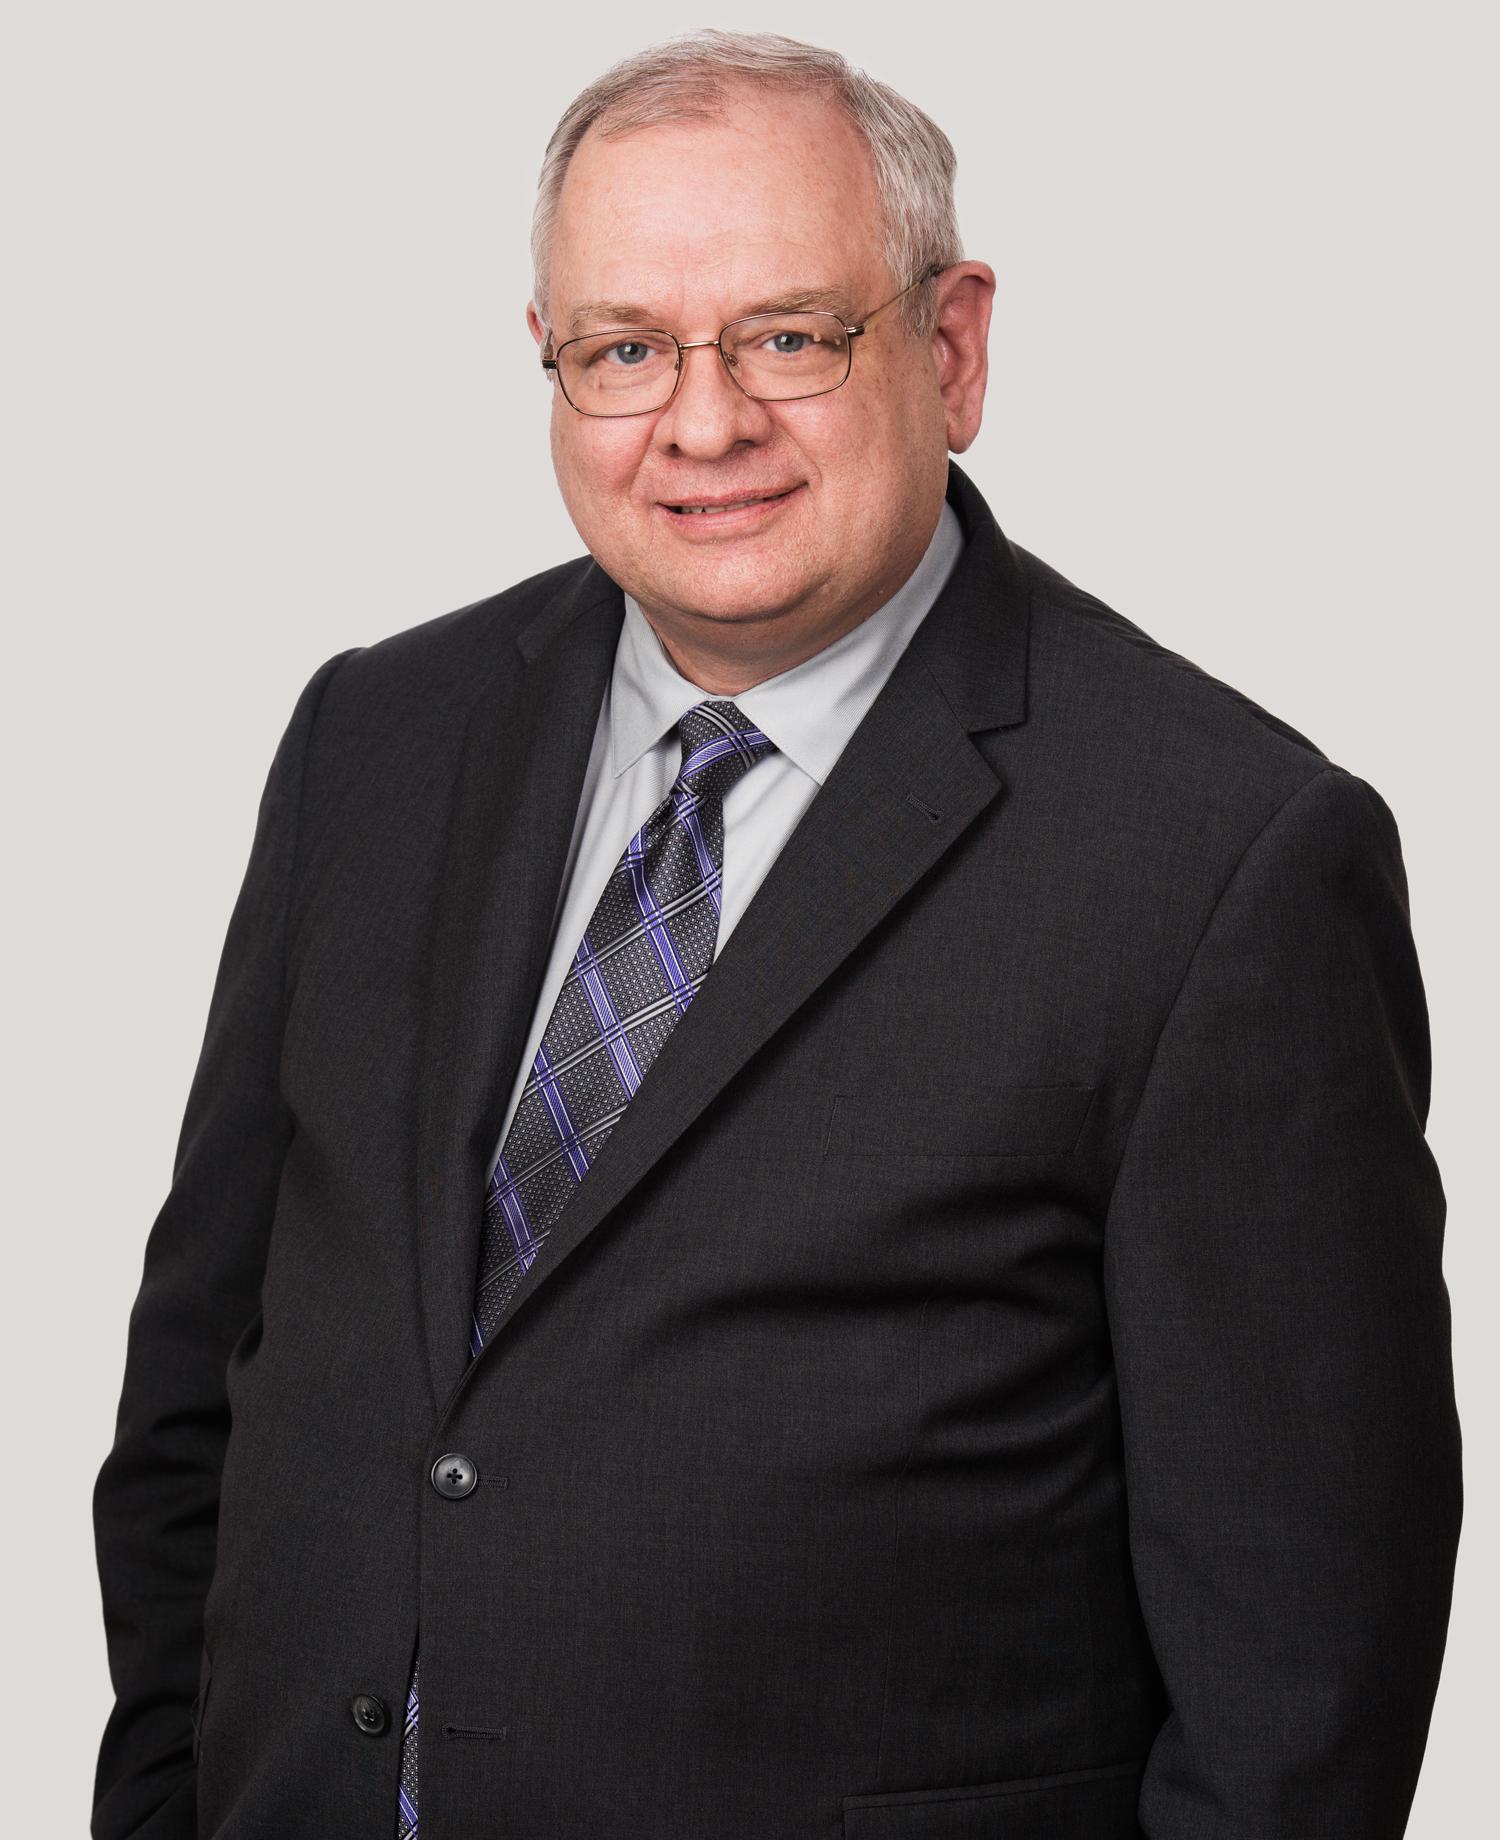 R. David Whitaker